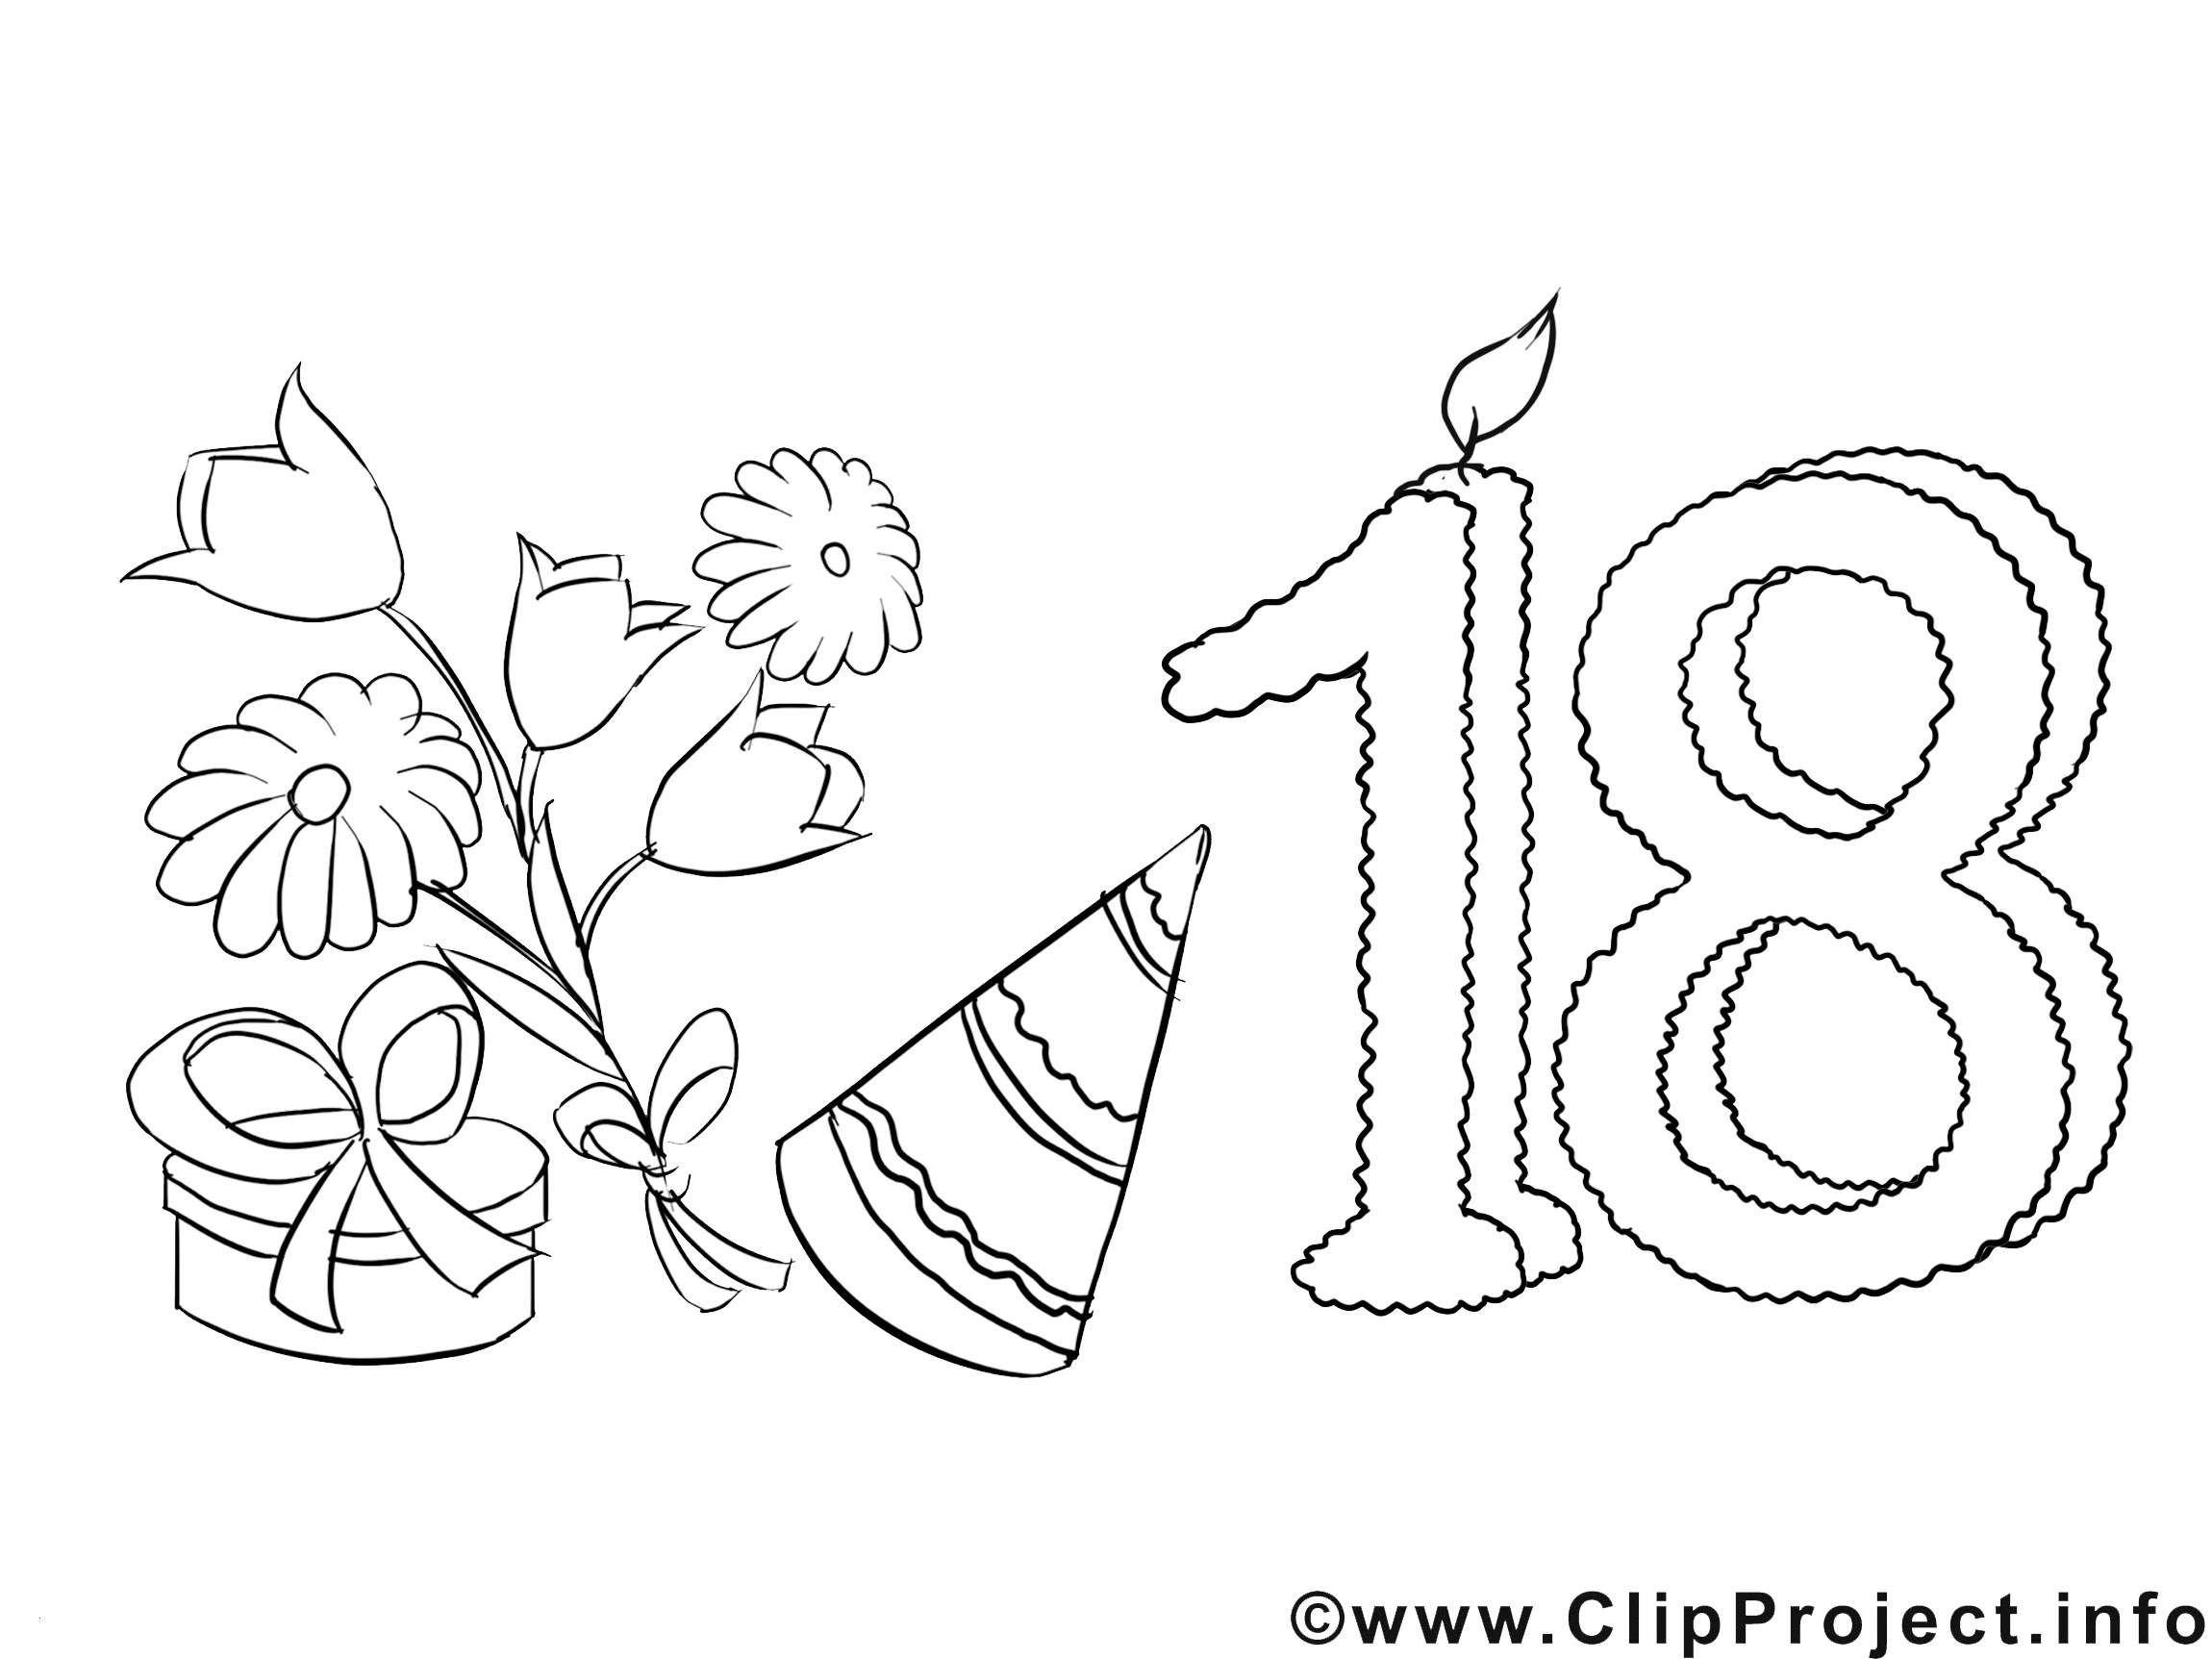 Ausmalbilder Weihnachten Schneeflocke Inspirierend 31 Frisch Wunschzettel Weihnachten Vorlage Grafik Das Bild